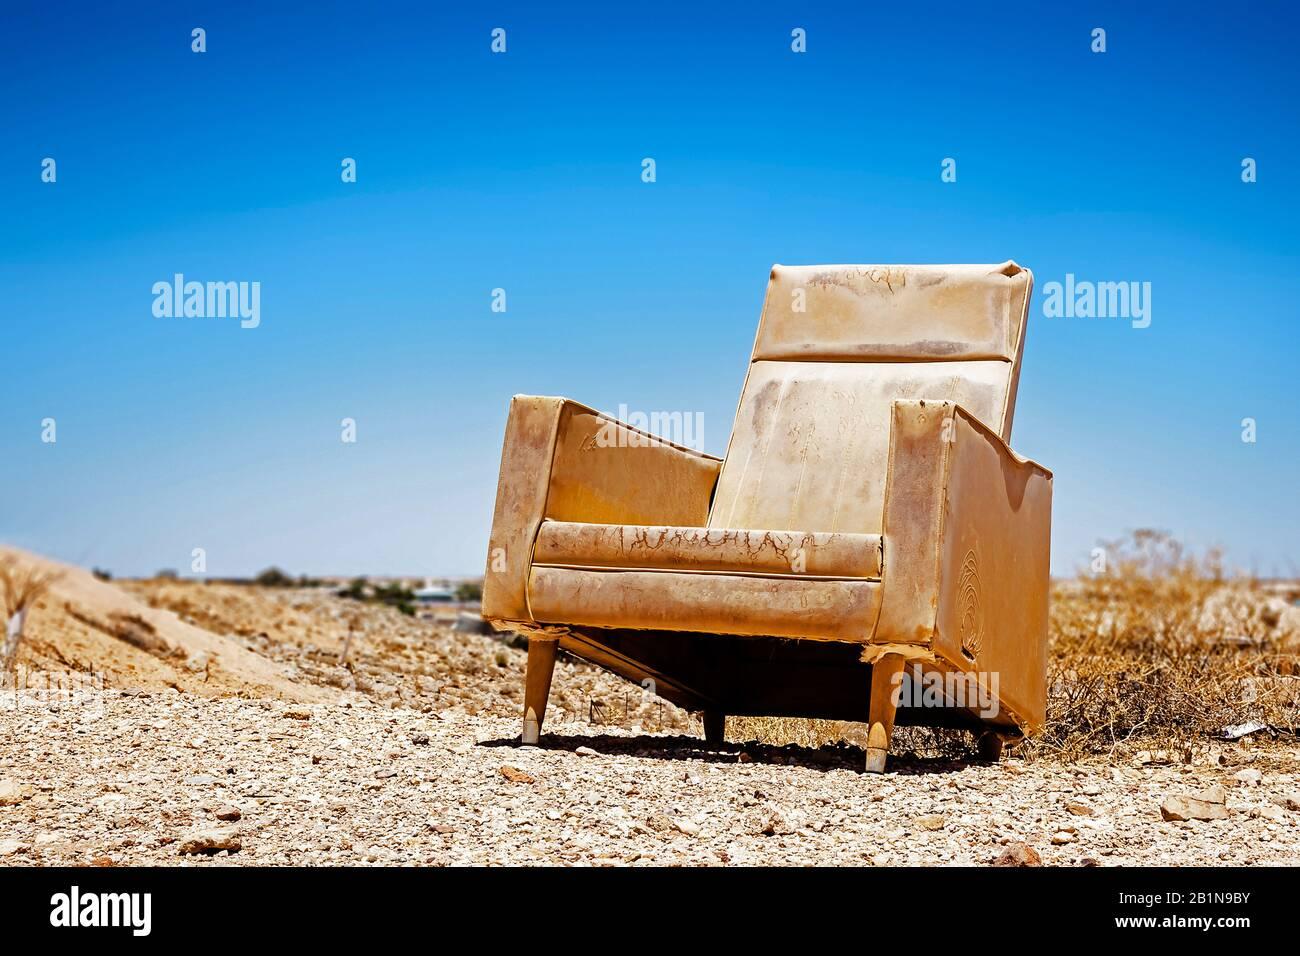 old armchair in desert australia 2B1N9BY